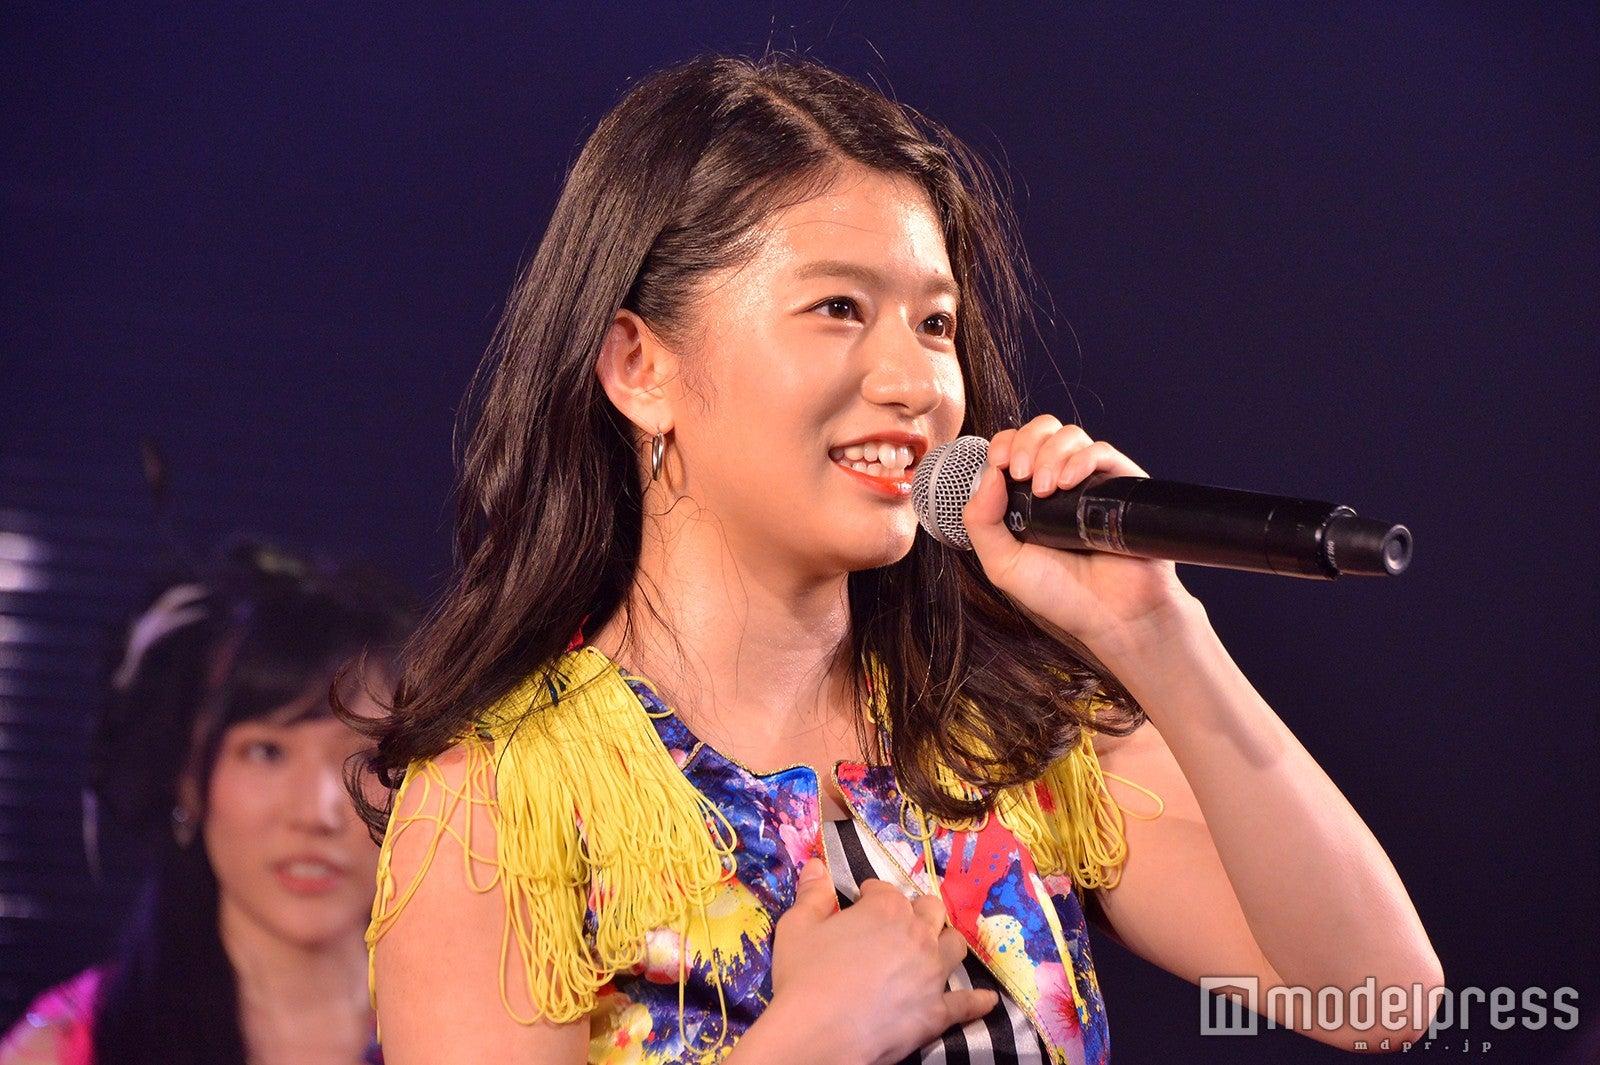 元AKB48竹内美宥、韓国芸能事務所への所属を発表 再デビューへ ...